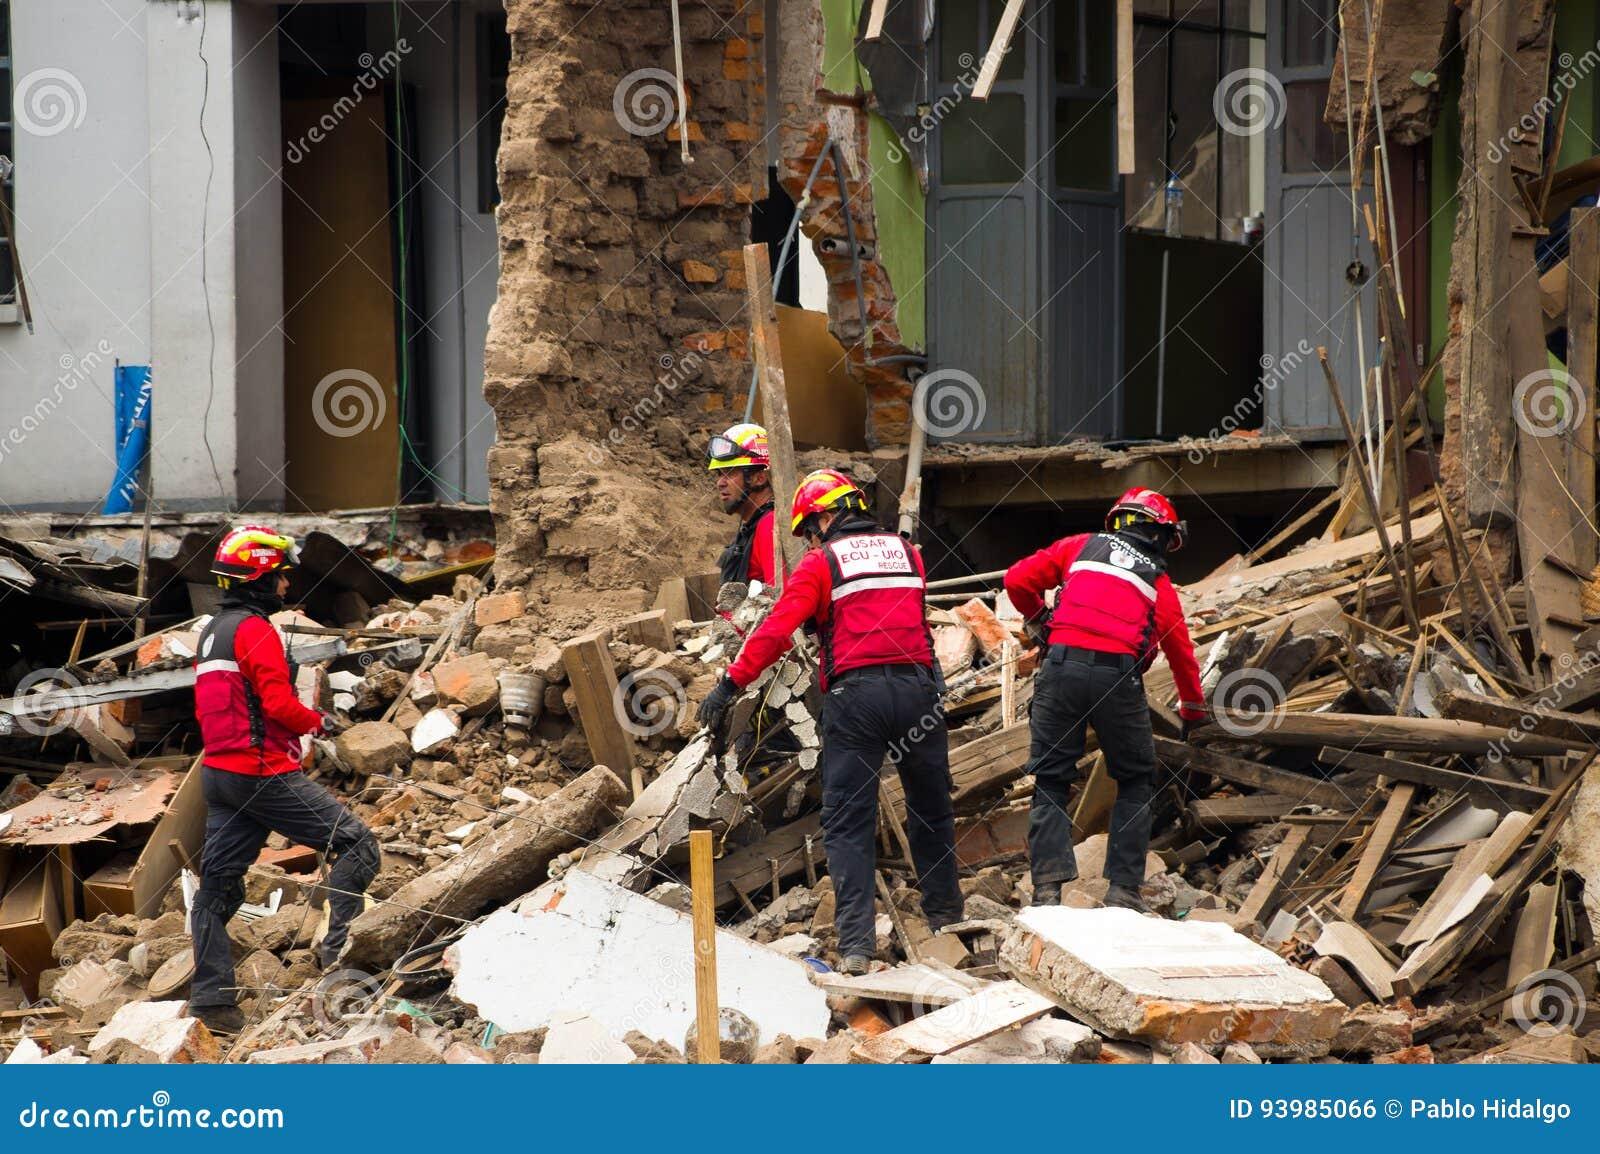 Quito, Equador - 9 de dezembro de 2016: Um grupo não identificado de firemans, limpando a área de dano e a destruição, restos